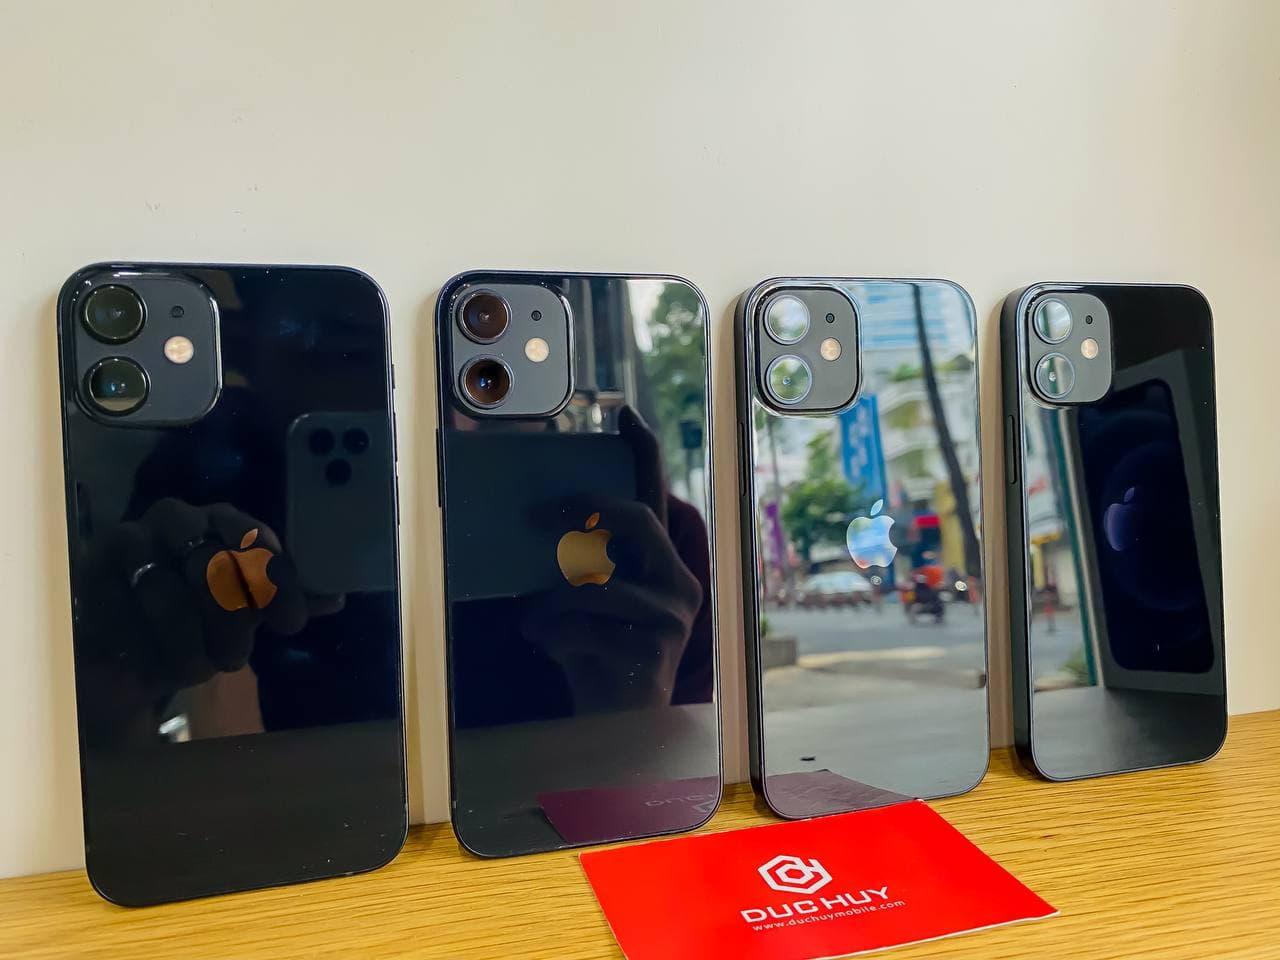 Thiết kế iPhone 12 Mini 64GB